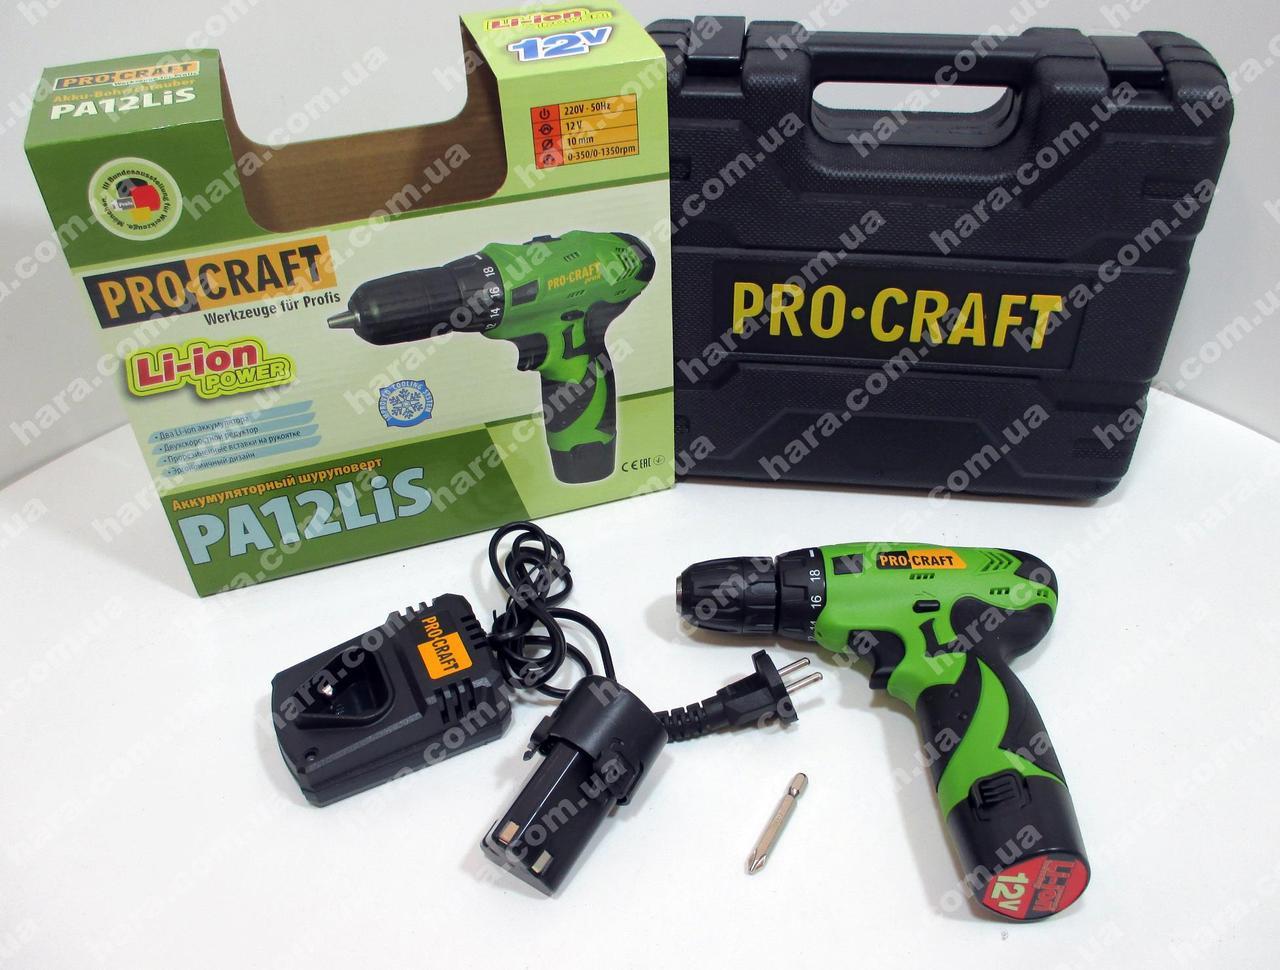 Шуруповерт Procraft PA12Lis